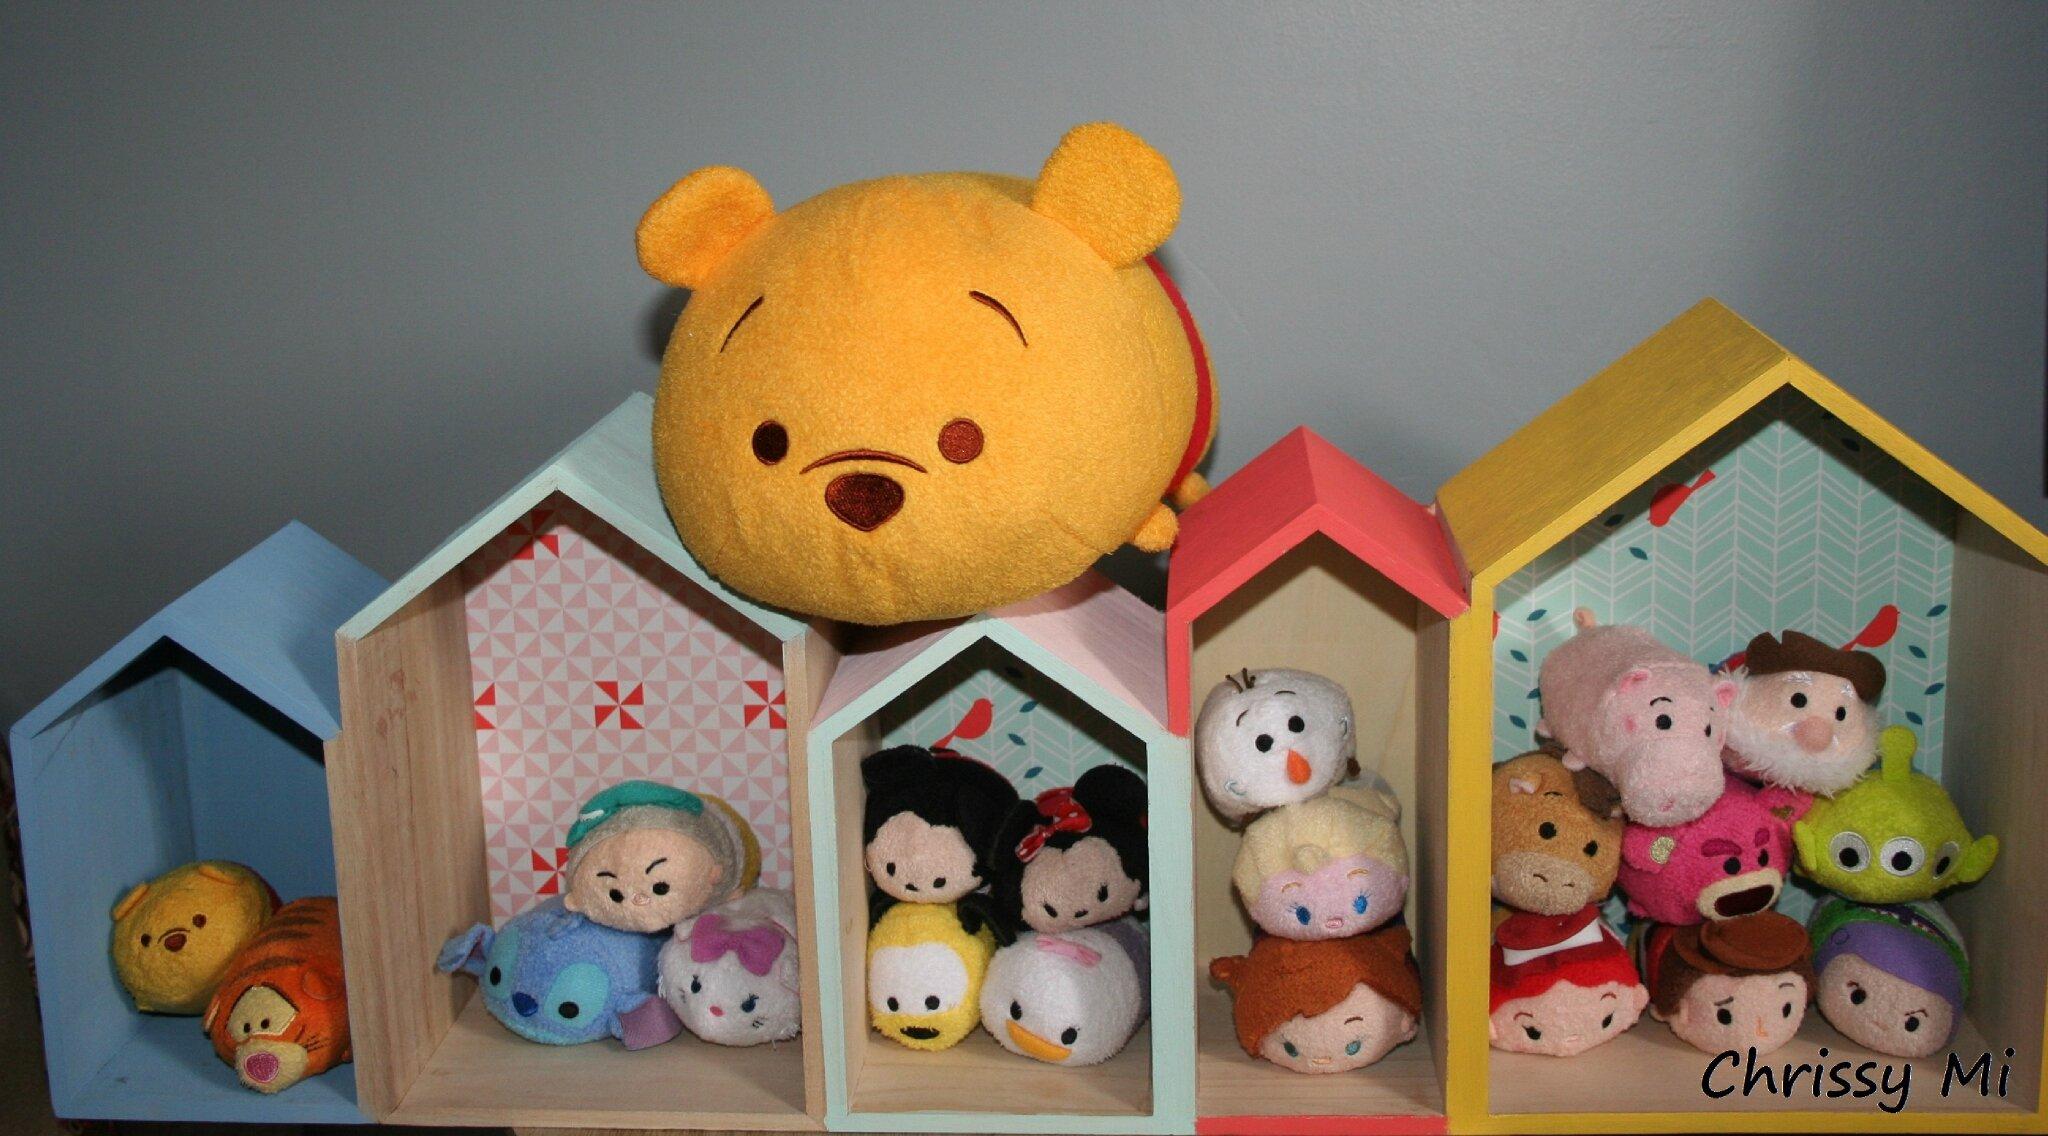 Une maison pour les tsum tsum !!!